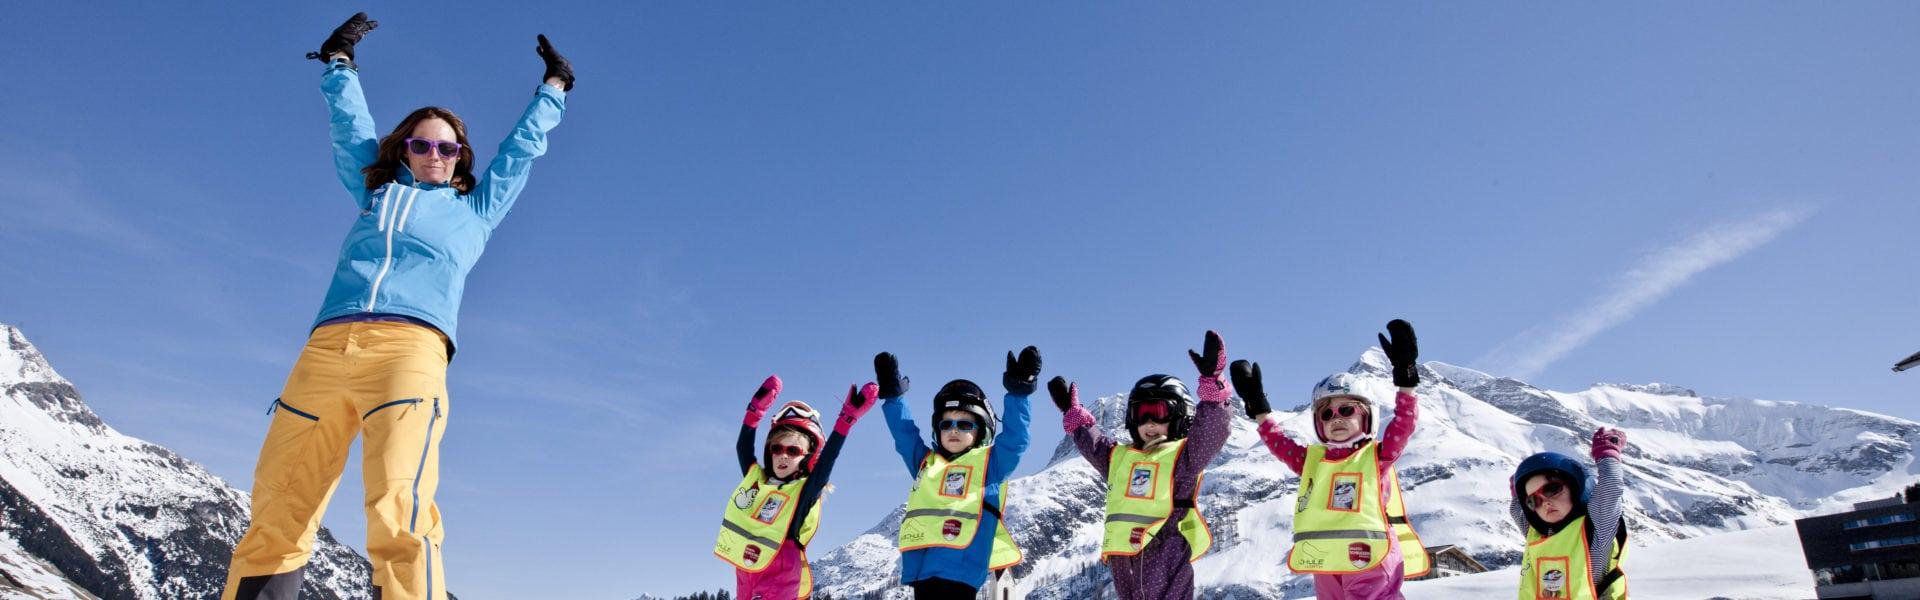 Skischule in Warth-Schröcken © Skischule Warth